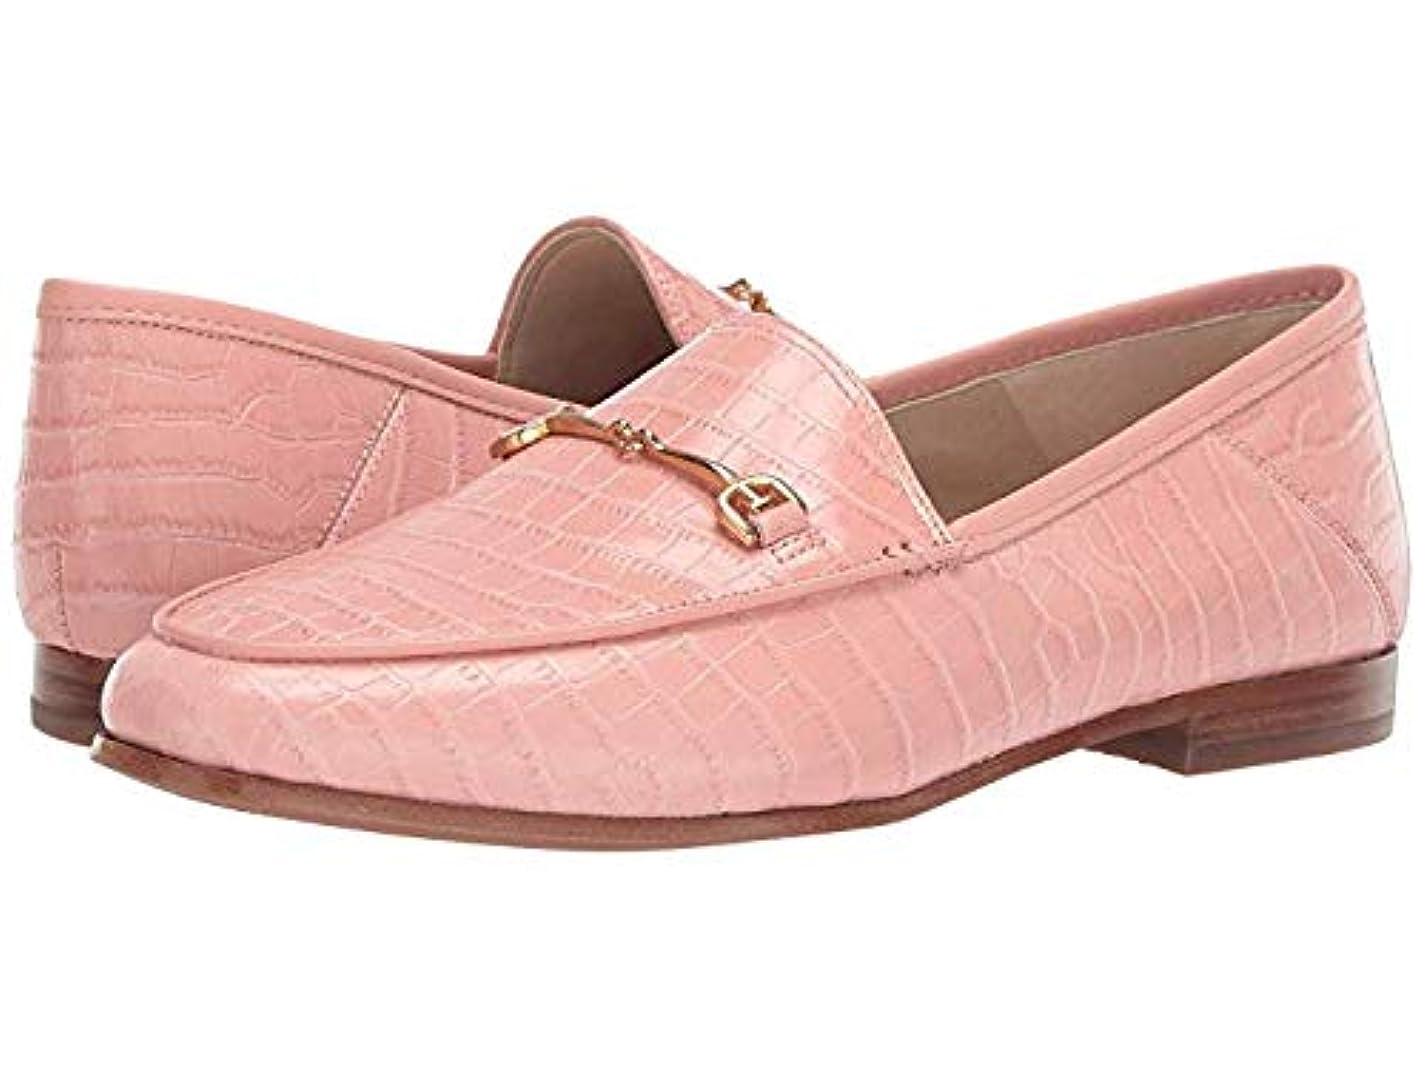 引退したスーパー退屈[Sam Edelman(サムエデルマン)] レディースローファー?靴 Loraine Loafer Canyon Pink Kenya Croco Embossed Leather (24cm) W [並行輸入品]